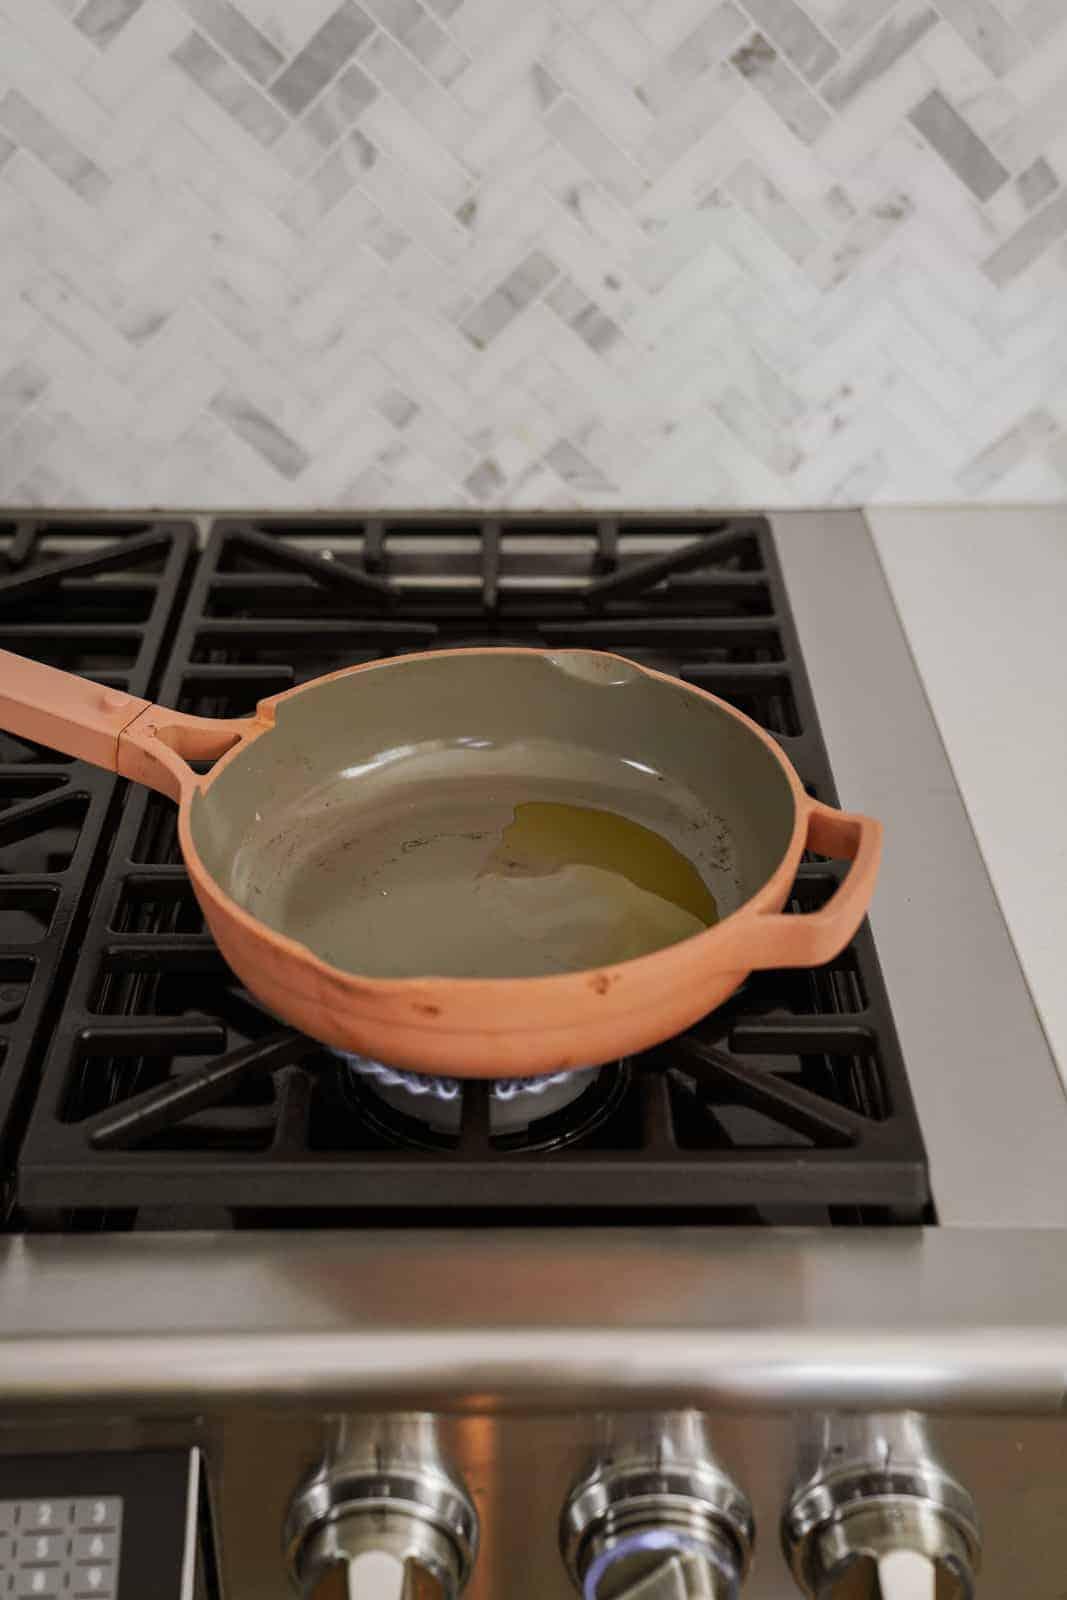 Olive oil in pot on stove